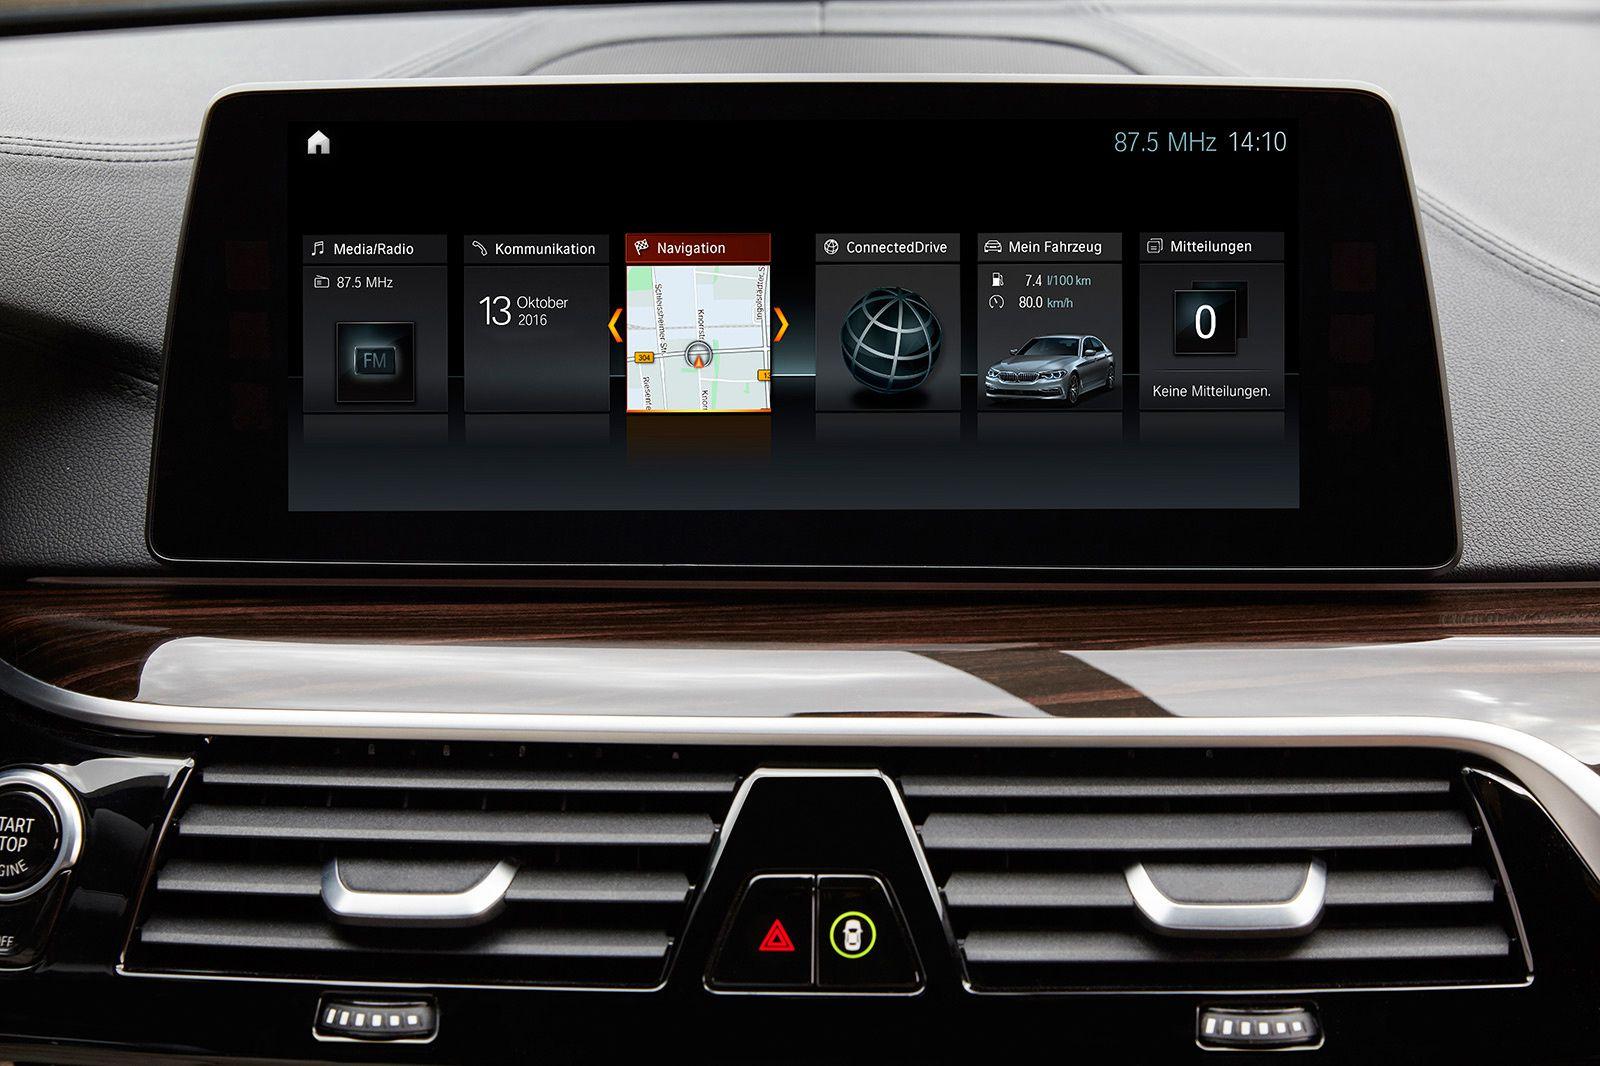 BMW 518d : L'actualité auto étant morose en ce moment, parlons (petit) mazout